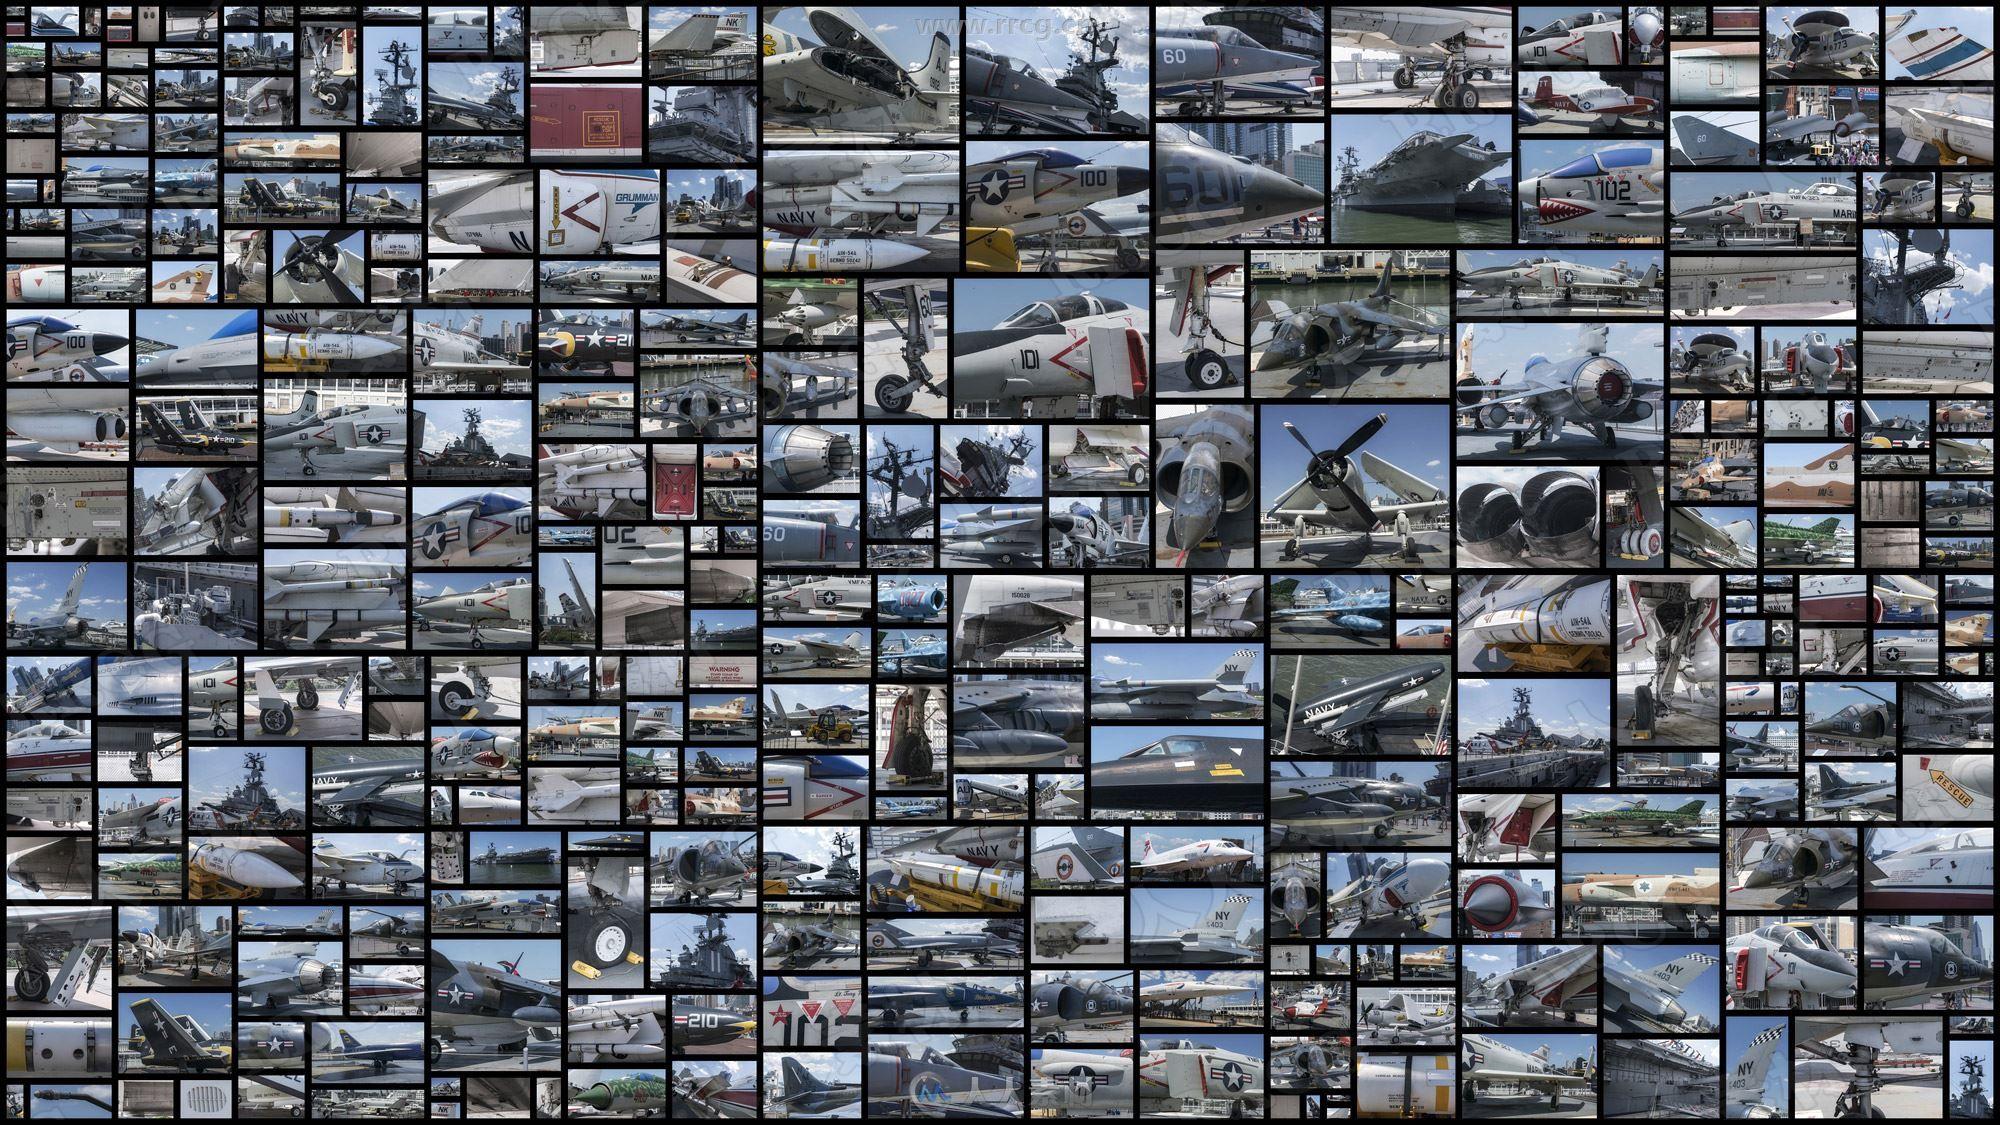 310组美国美军战斗机相关高清参考图片合集